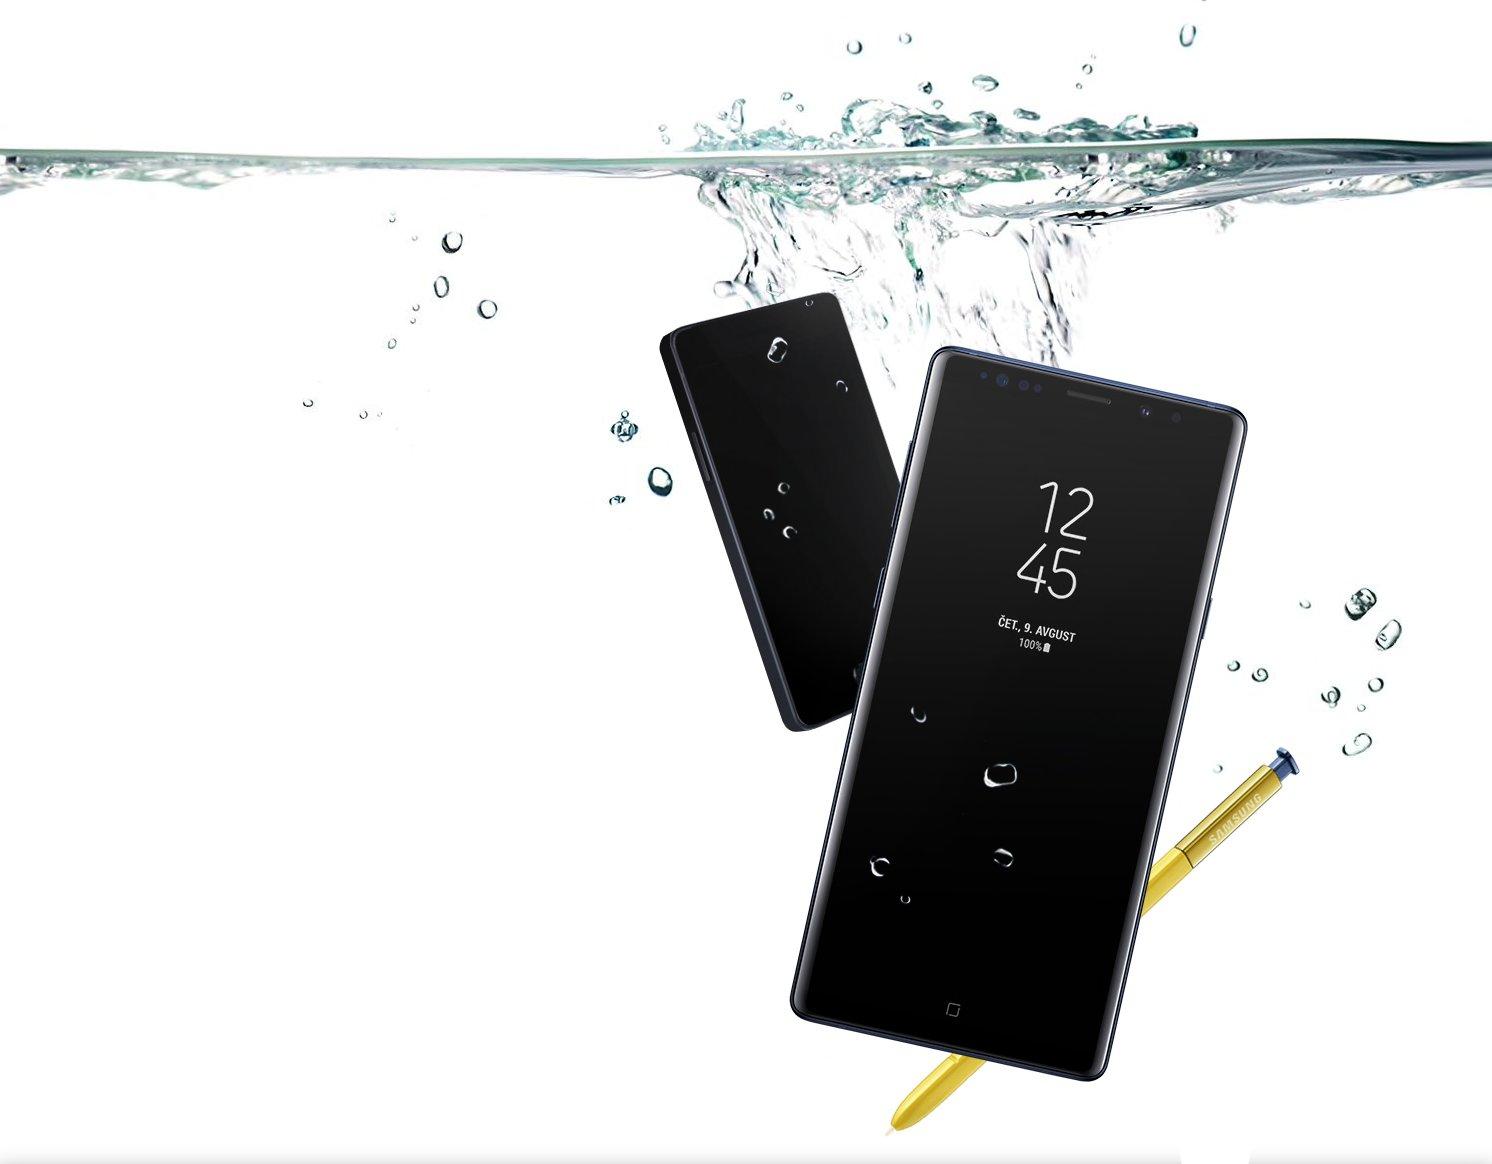 Samsung Galaxy Note9 se ponaša z najvišjim certifikatom odpornosti na vodo in prah.